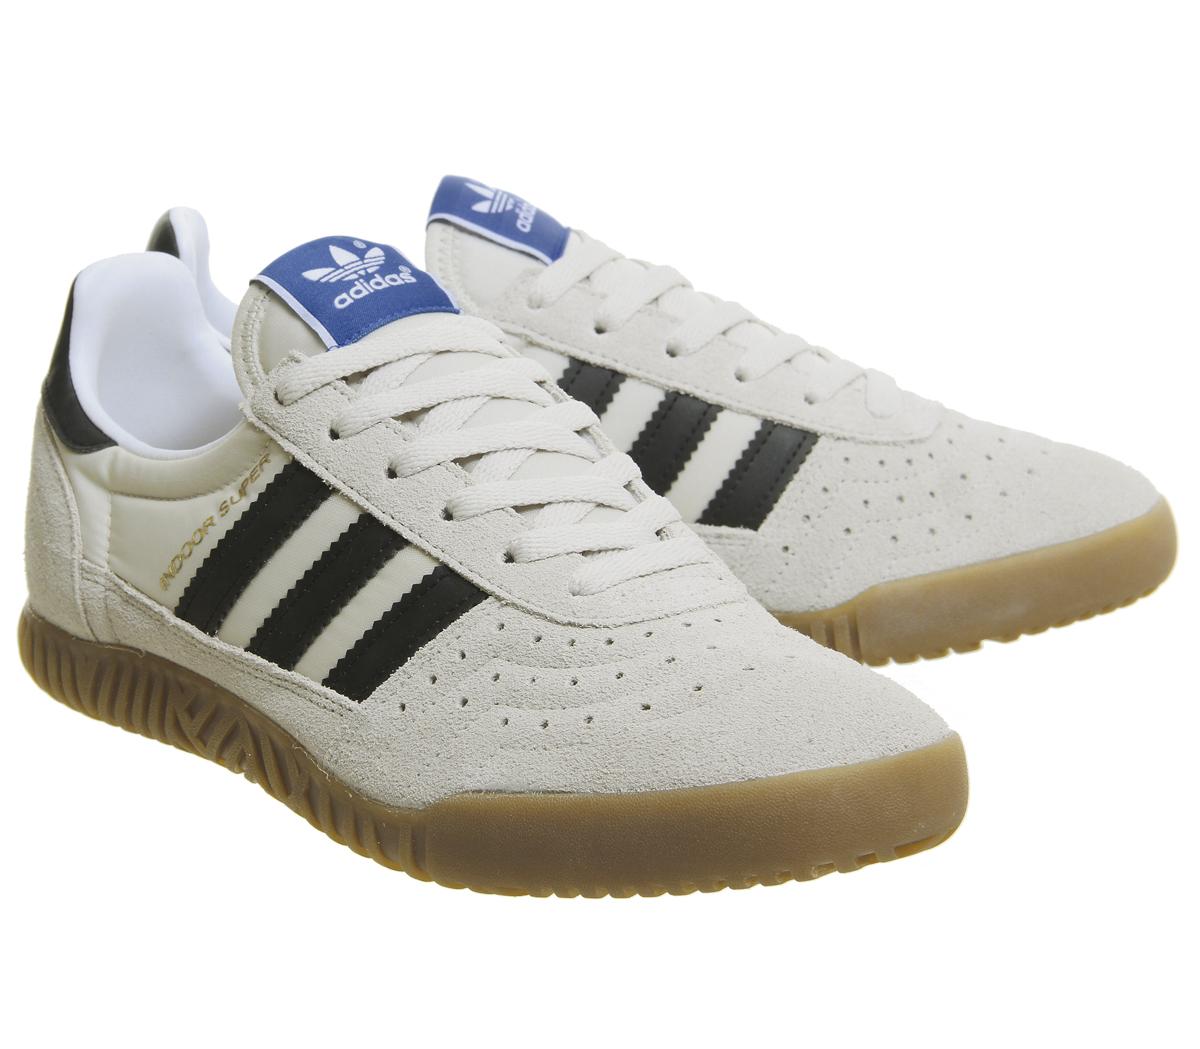 brand new ad7da 43cde ... czech sentinel adidas indoor super formatori chiaro marrone core black  gum formatori scarpe 0006a 24876